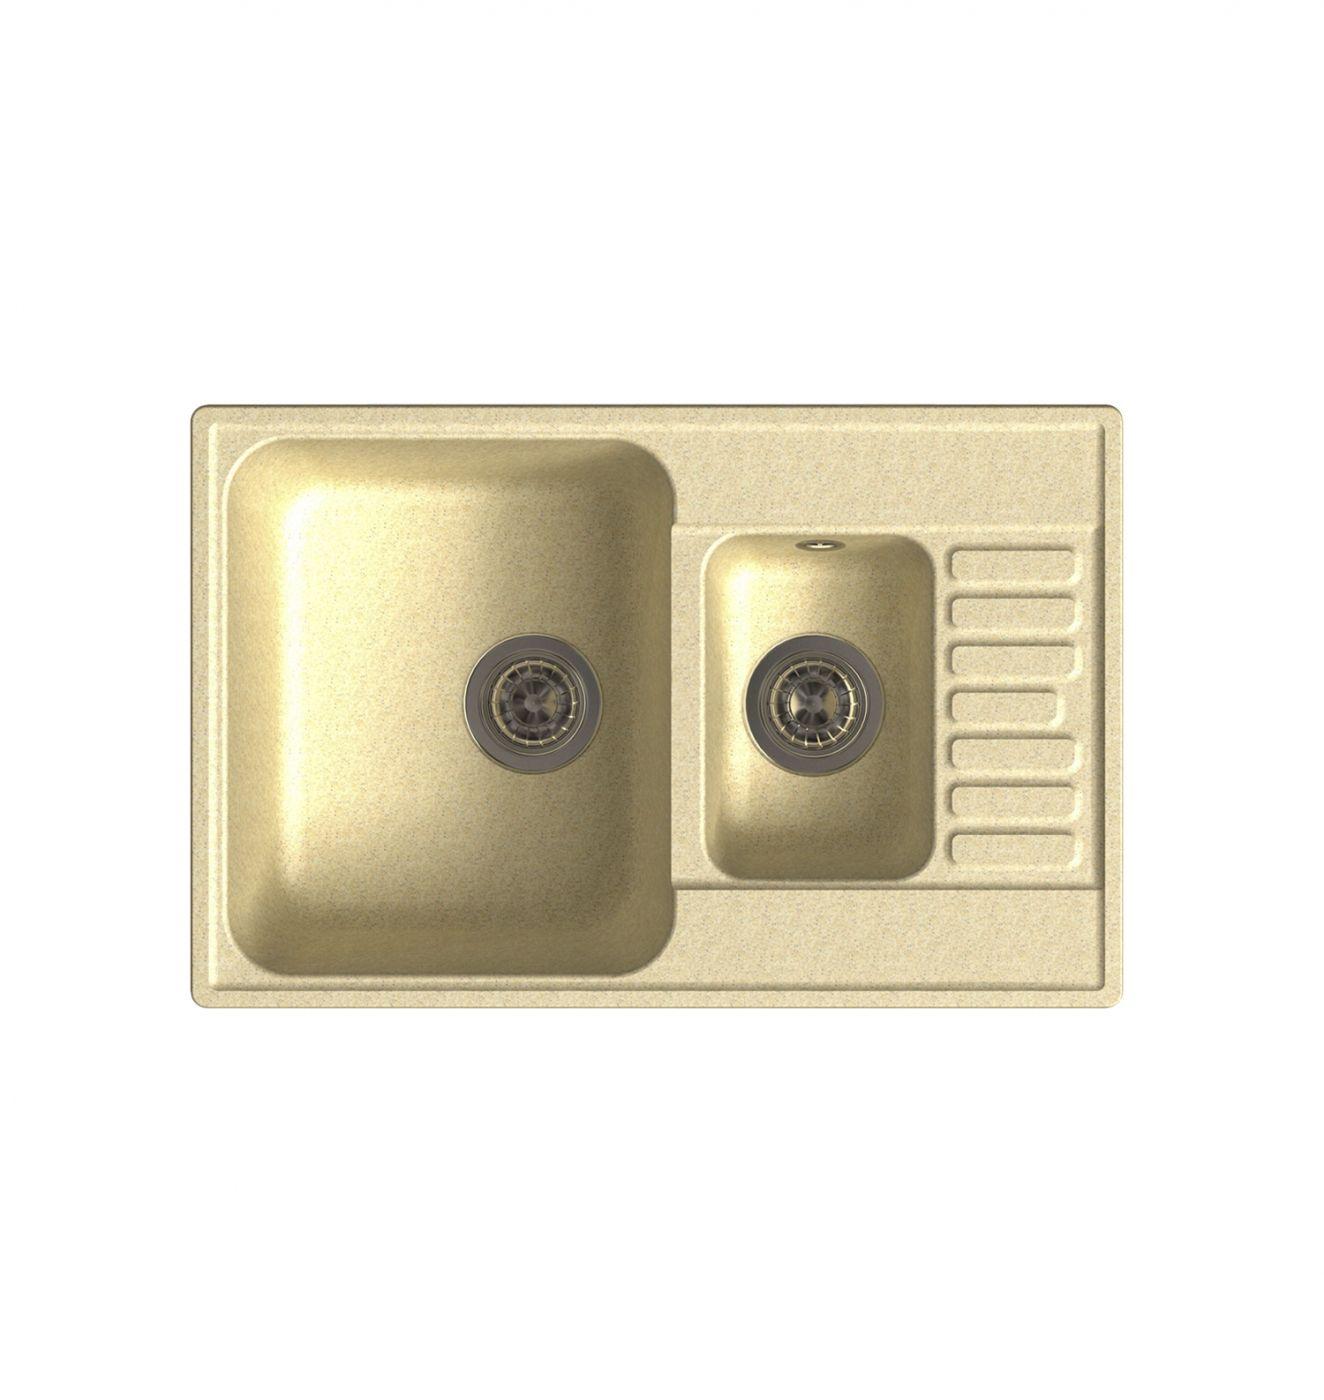 Врезная кухонная мойка LEX St. Moritz 740 Ivory  74х48см полимер RULE000040